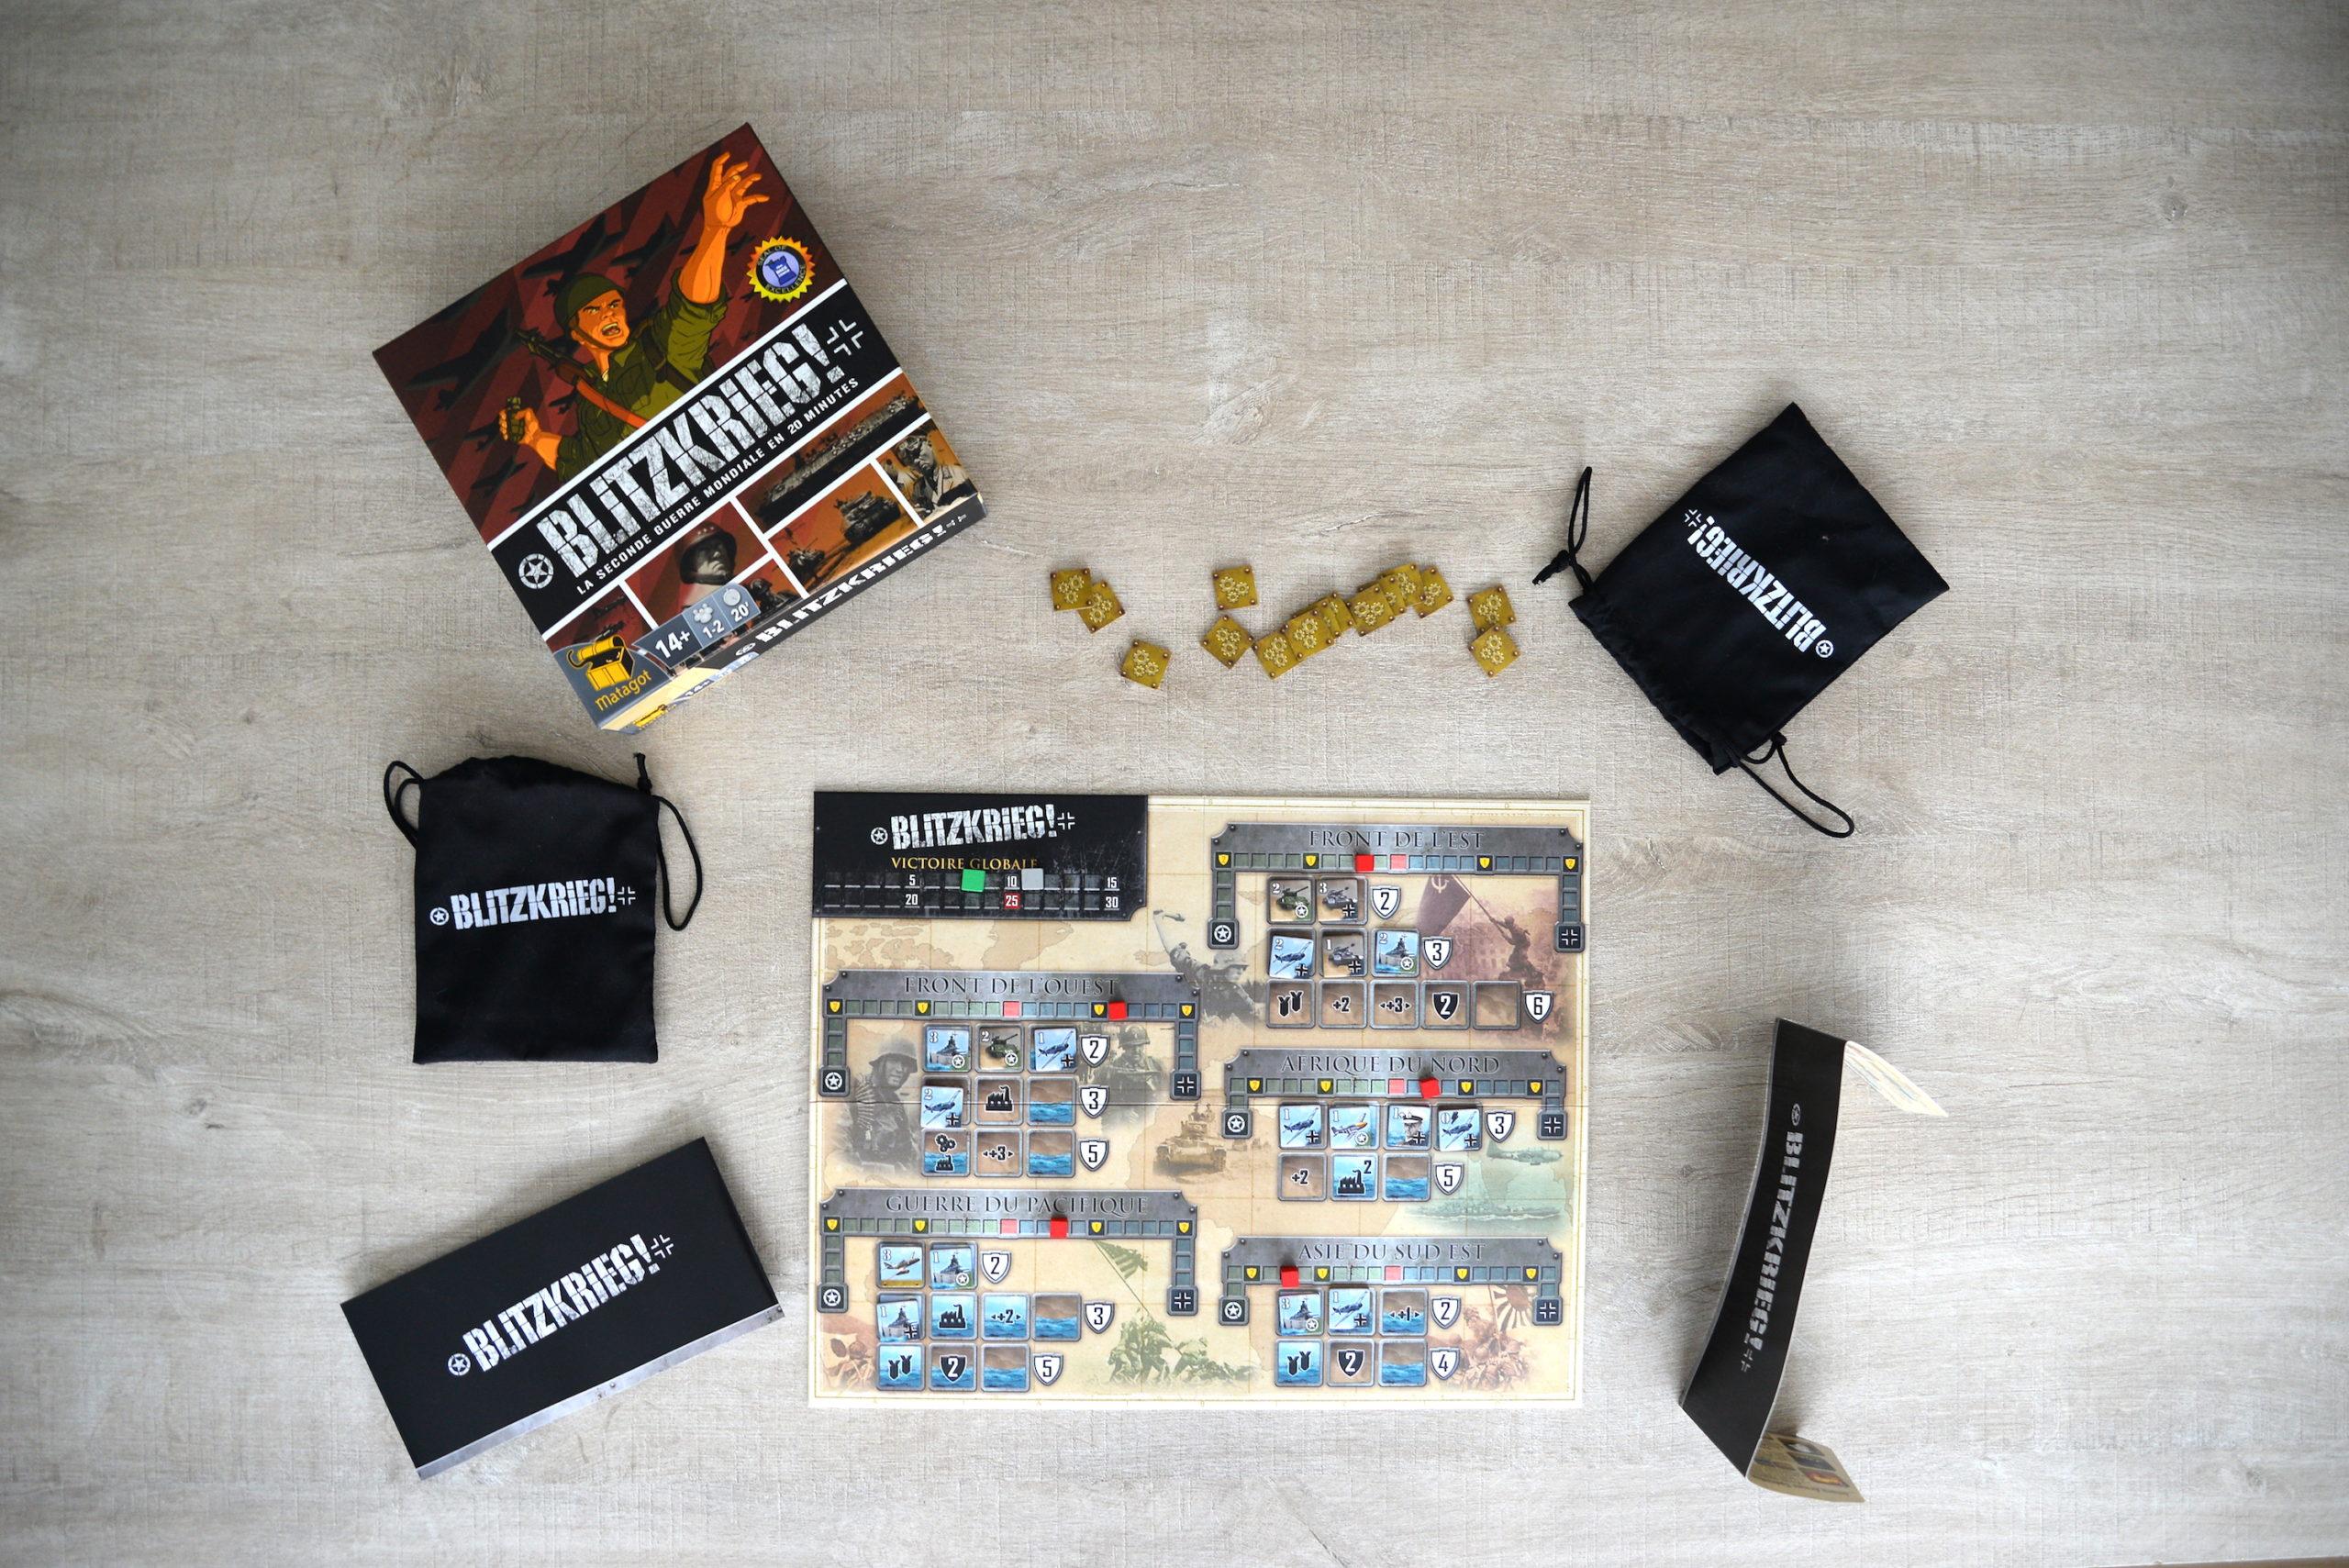 blitzkrieg, jeu de société, seconde guerre mondiale, matagot, jeu pour deux joueurs